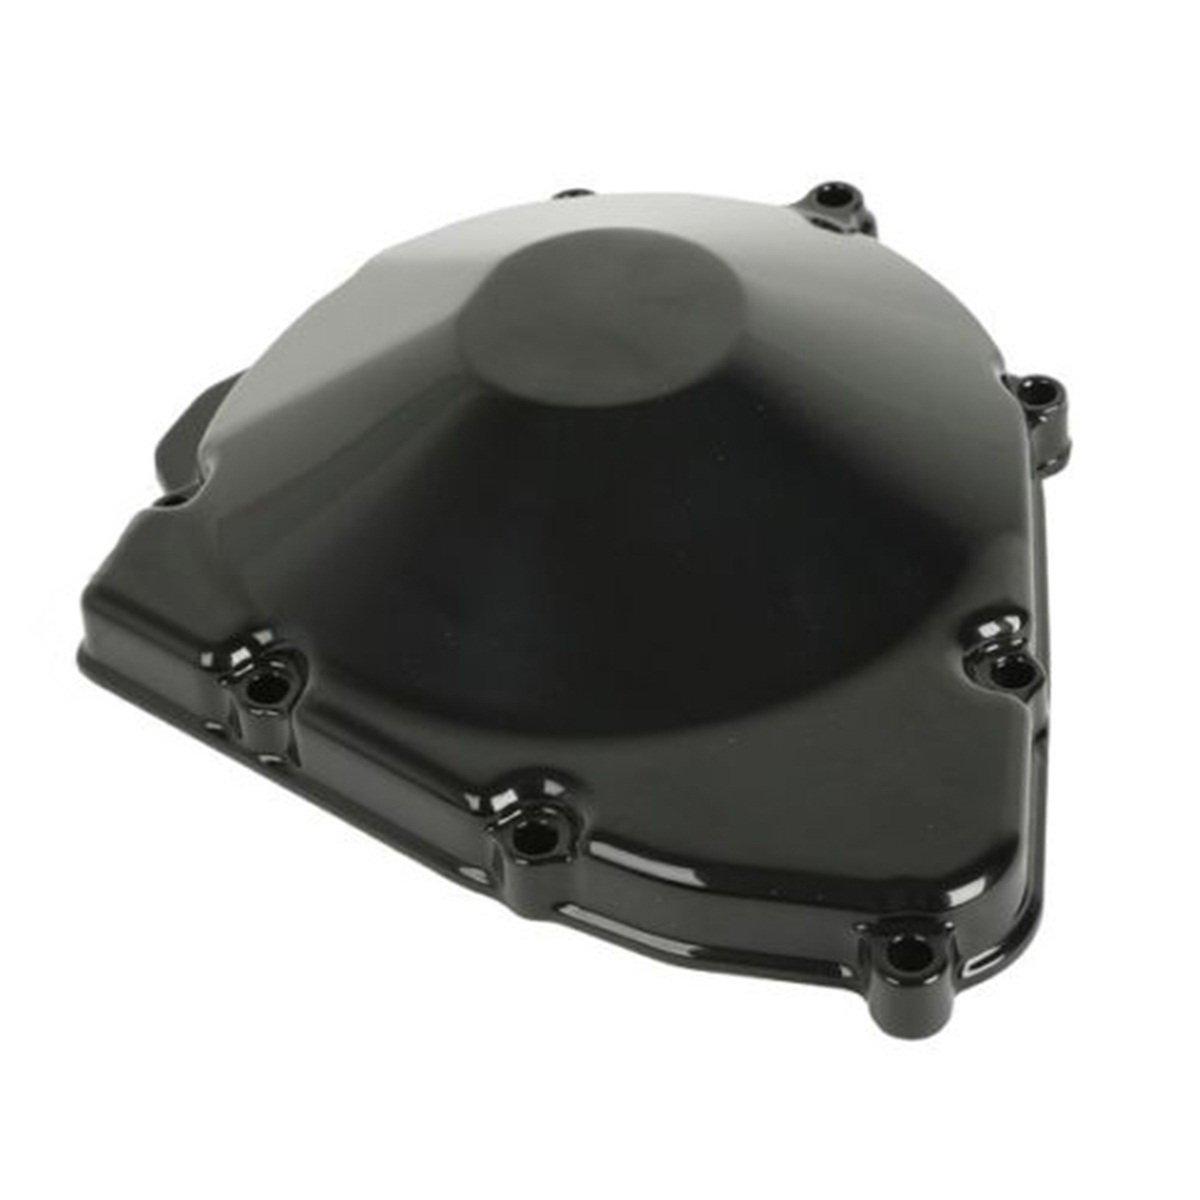 Engine Cover Crankcase For GSX600F GSX750F KATANA 1998-2006 99 00 01 02 03 04